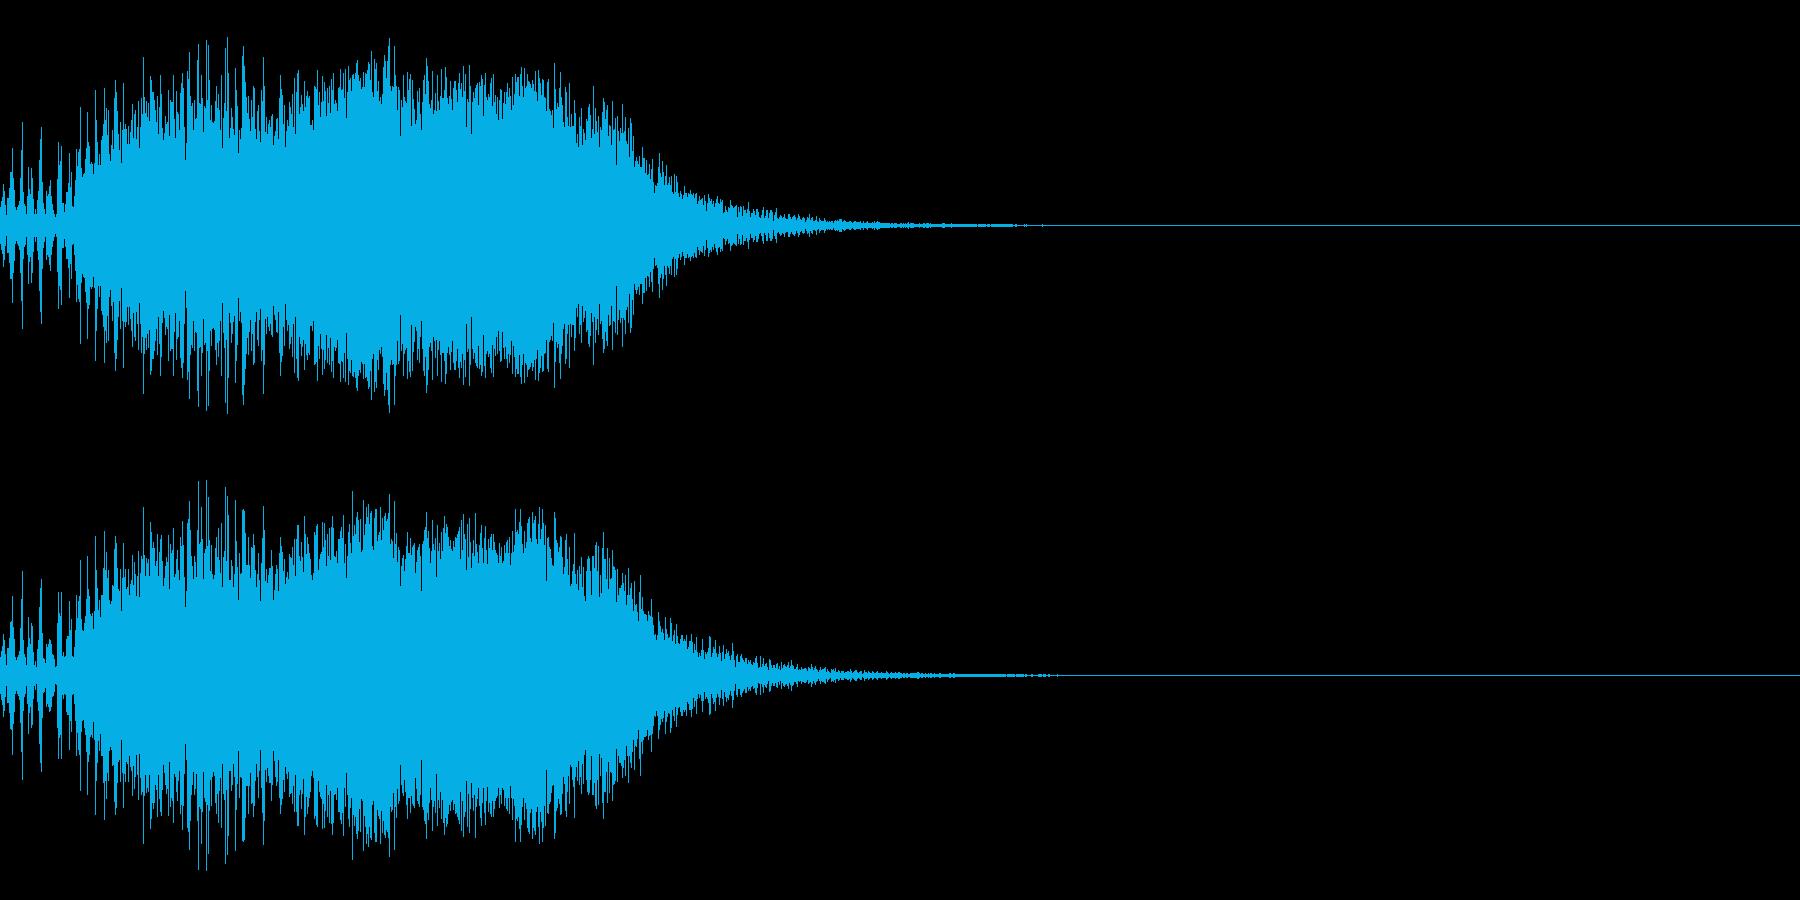 スパーク音-07の再生済みの波形